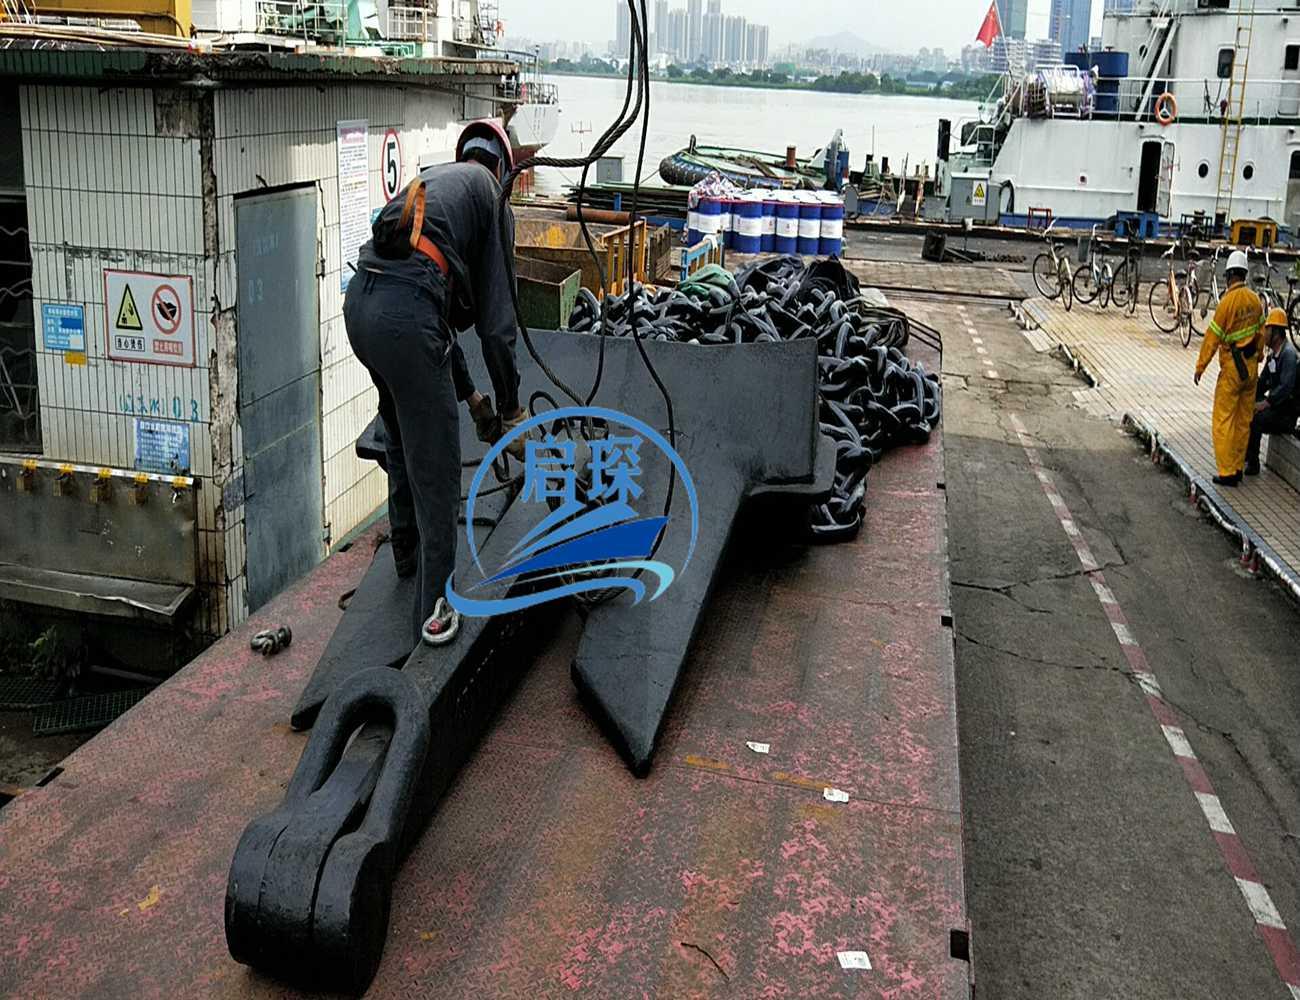 船用锚 大抓力锚 斯贝克锚 霍尔锚 德尔塔锚 海军锚 各种规格全新现货L